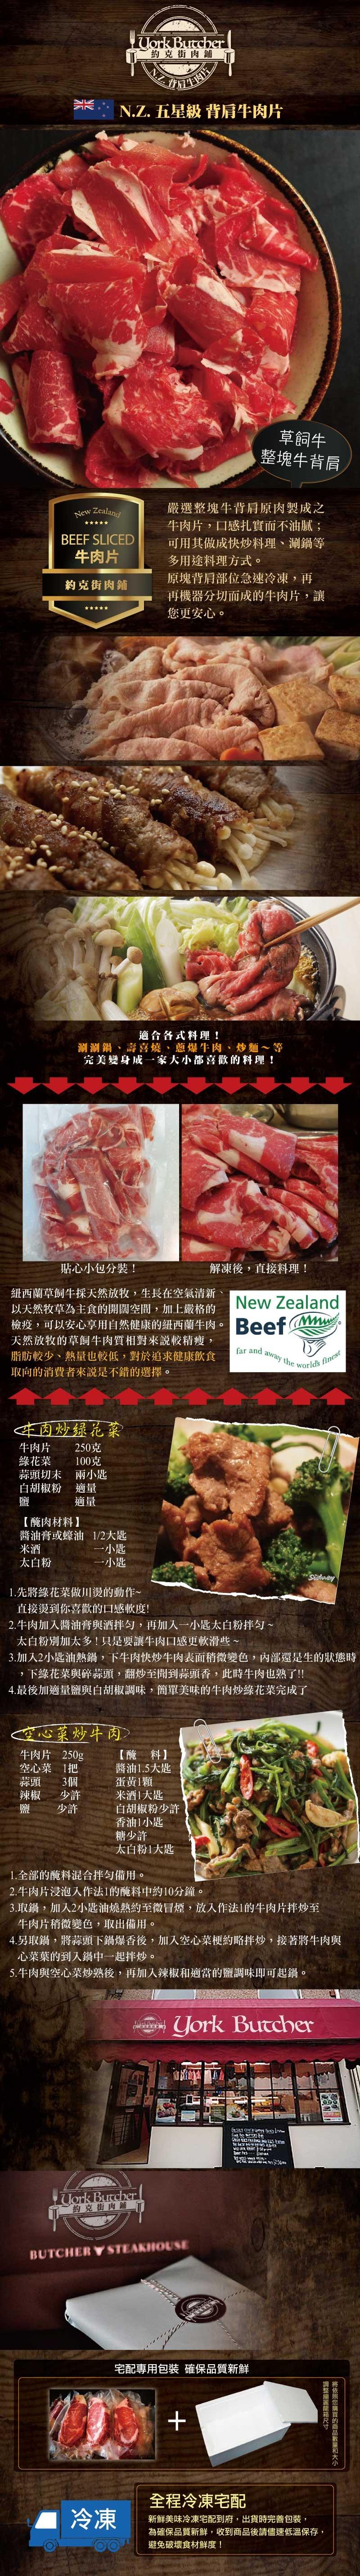 (滿額) 約克街肉舖 頂級紐西蘭背肩牛肉片1包 (200公克±10%/包)